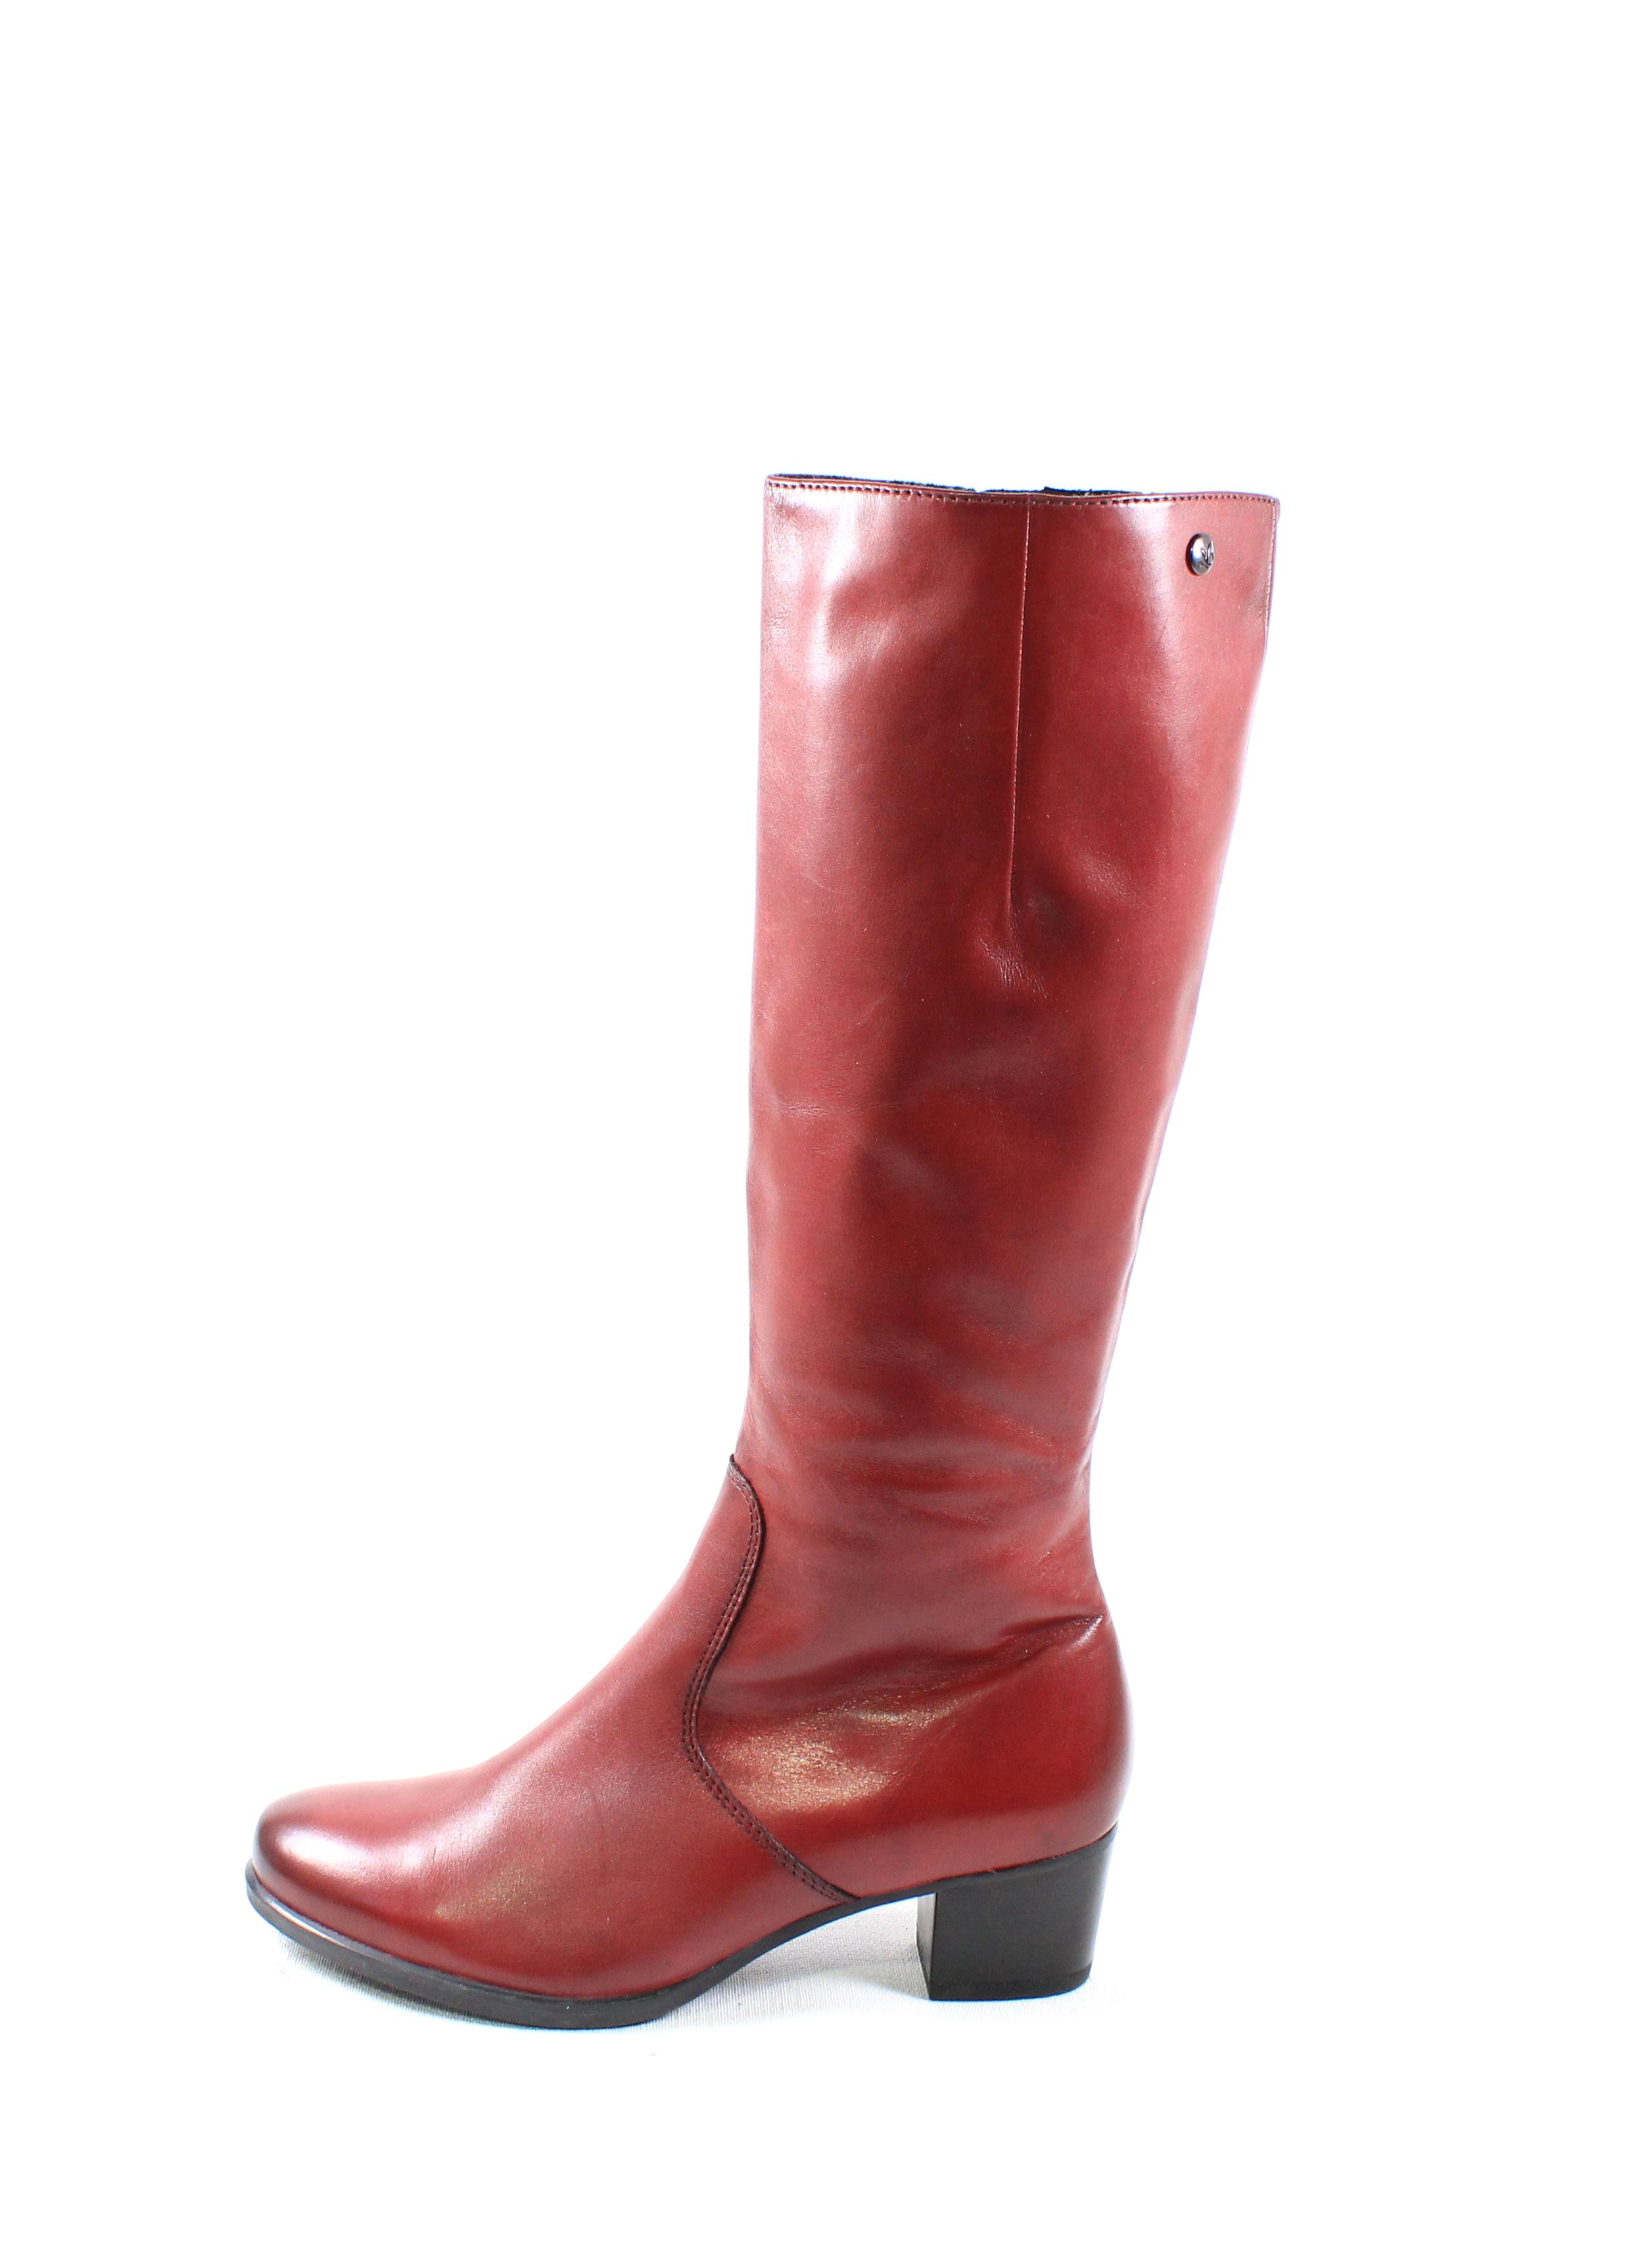 1a1eb72cf5 Dámske čižmy CAPRICE 9-25539-27 BORDEAUX – Topánky Olympia shoes